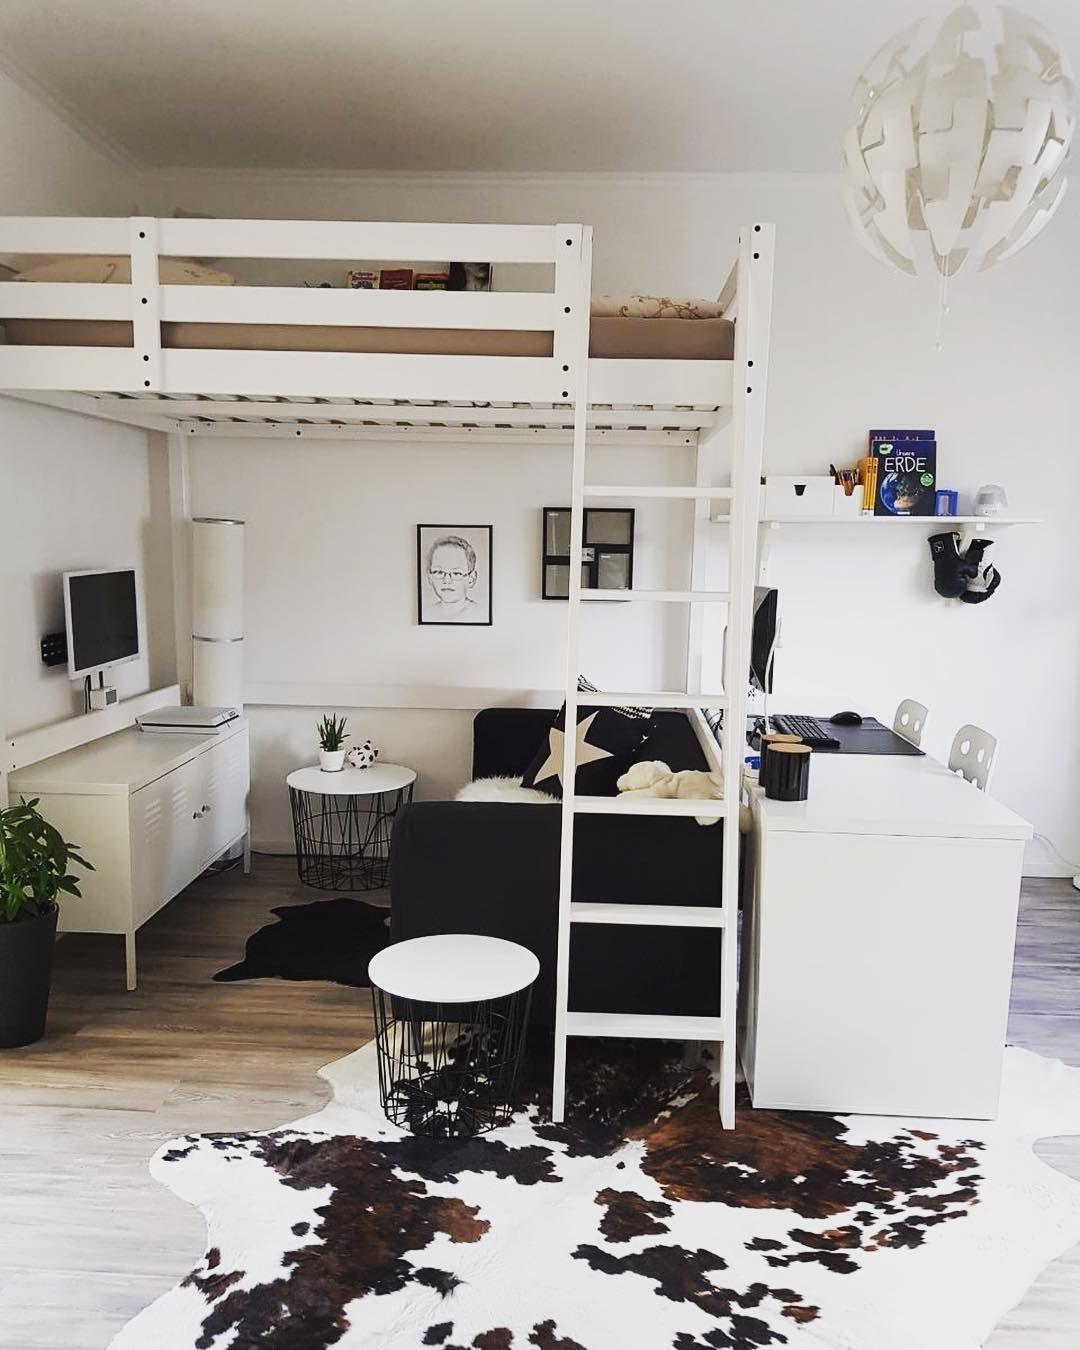 Full Size of Jugendzimmer Ikea Sibyllehome On Instagram Neu Gestaltetmein Küche Kosten Betten Bei Sofa Mit Schlaffunktion 160x200 Kaufen Miniküche Bett Modulküche Wohnzimmer Jugendzimmer Ikea